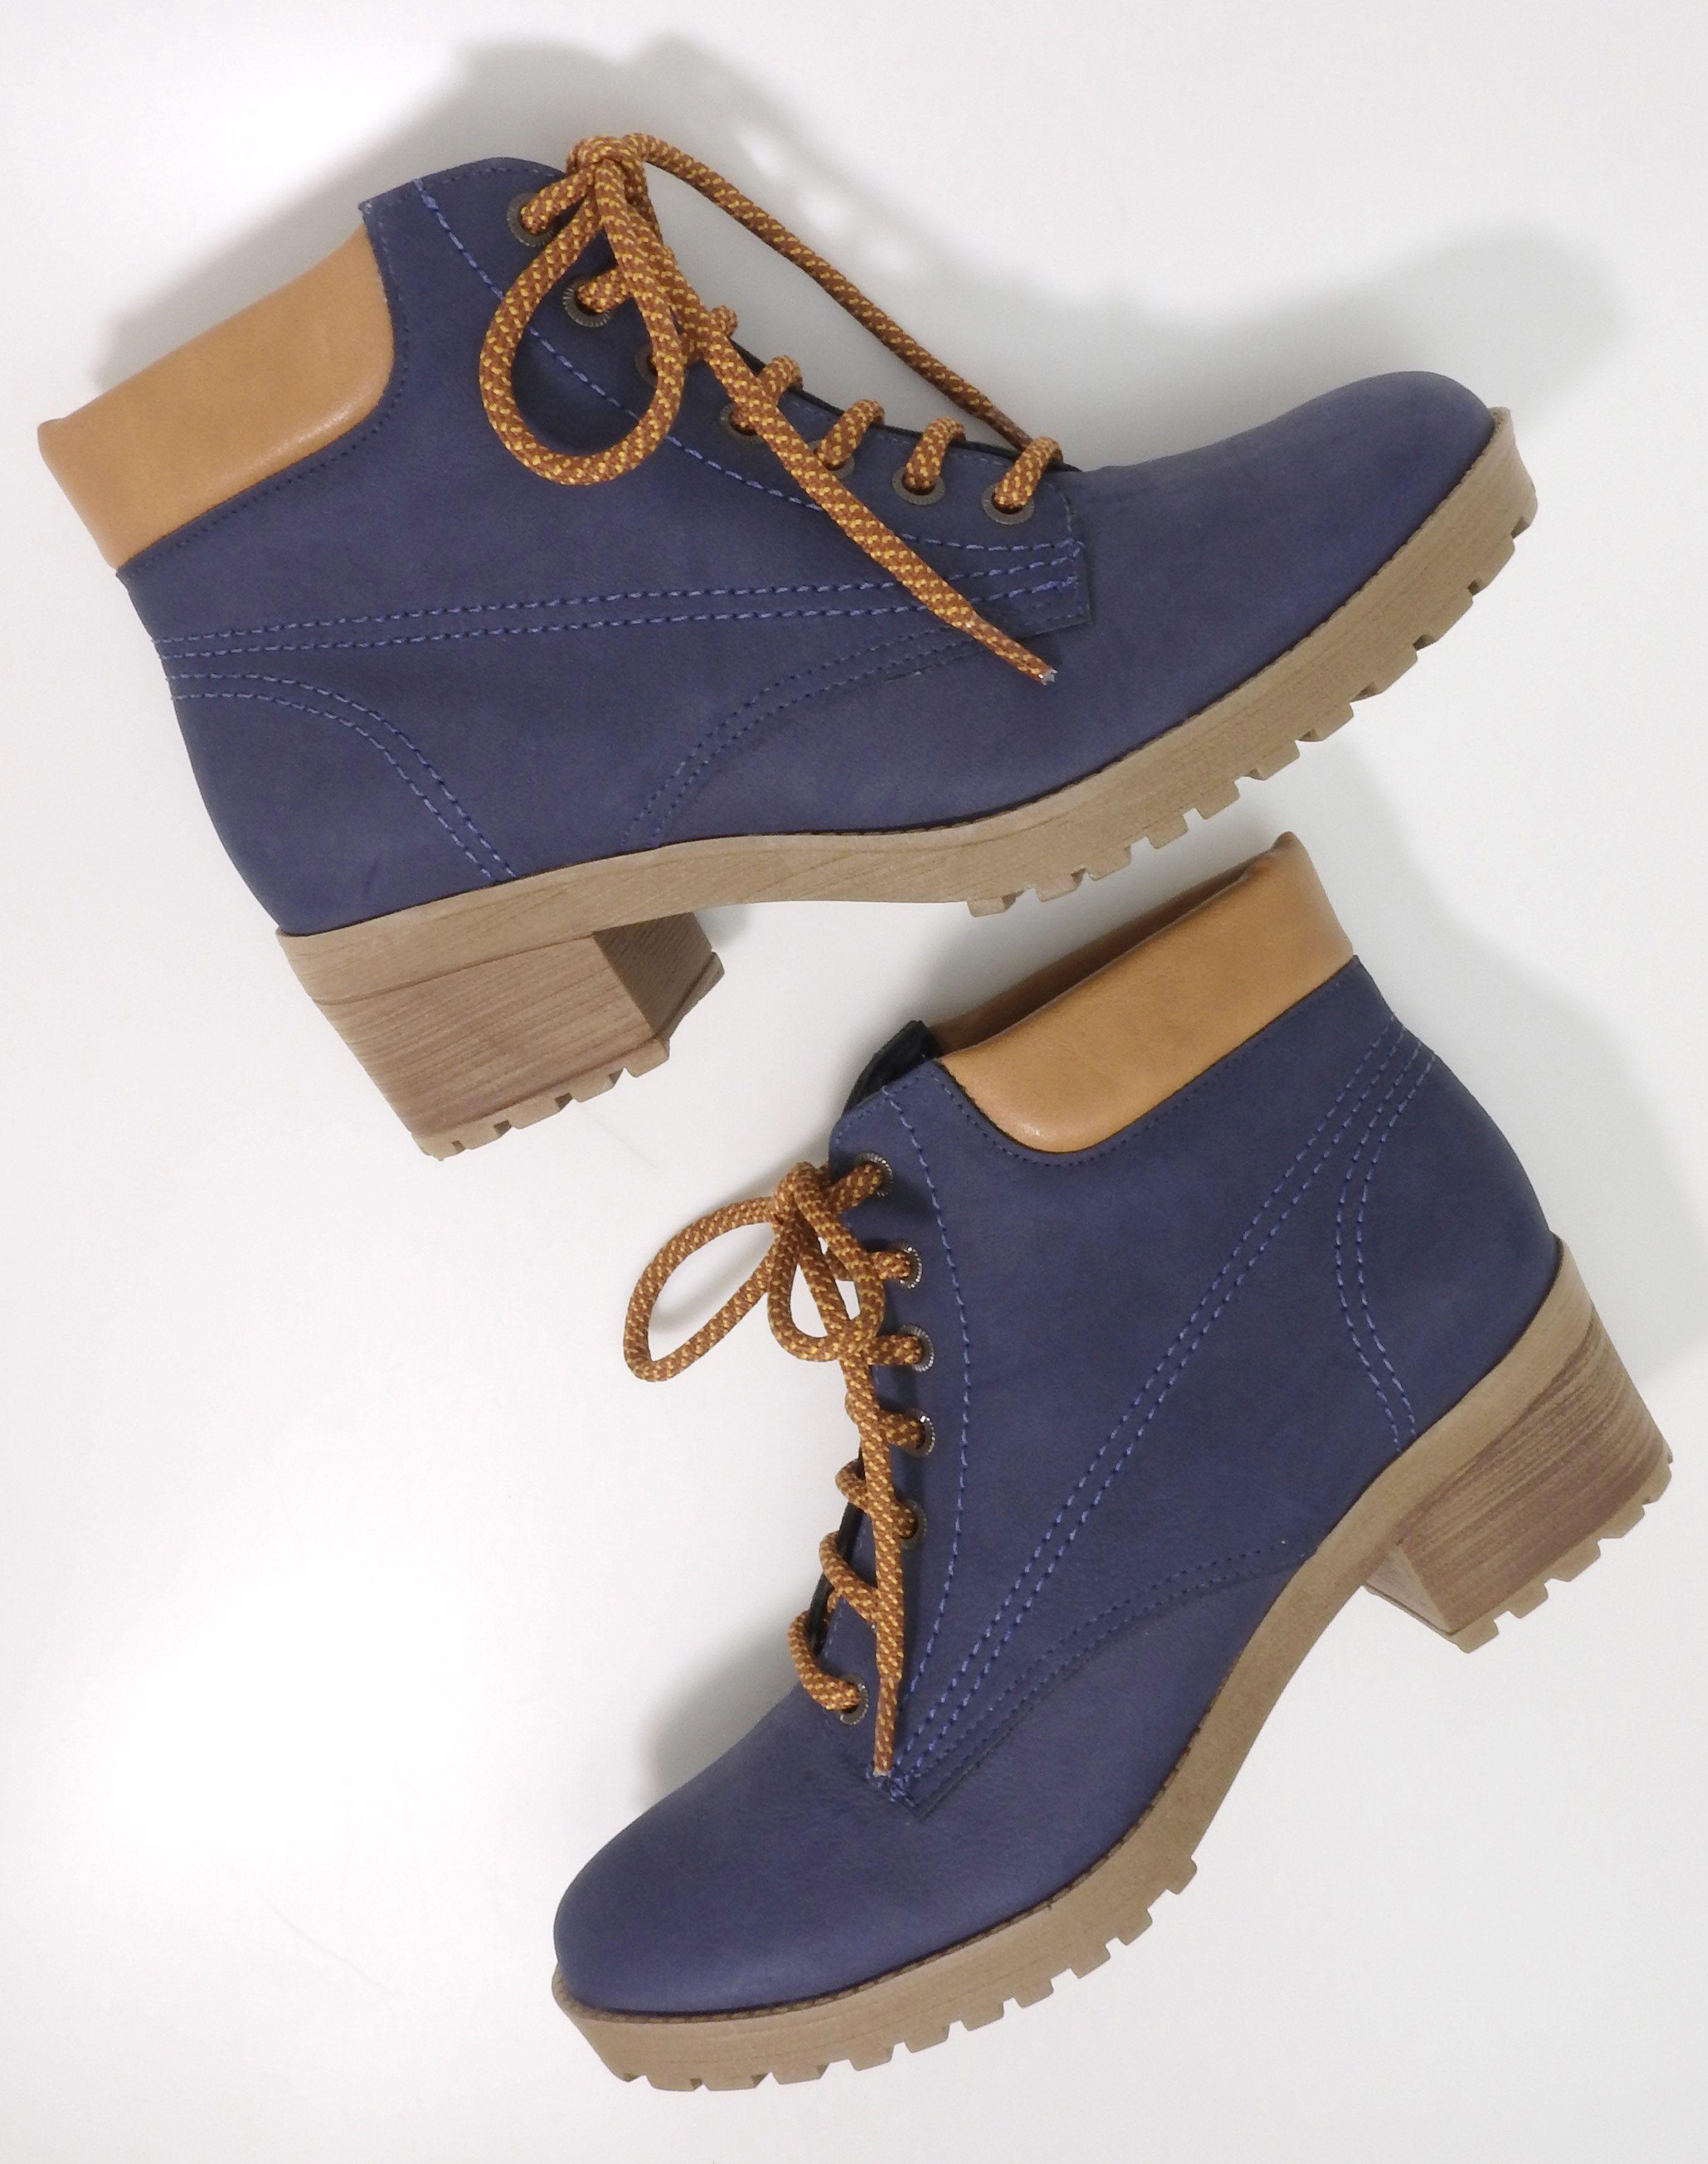 0822440fc217df boots - coturno - bota de cano curto - Inverno 2016 - Ref. 16-4907 ...